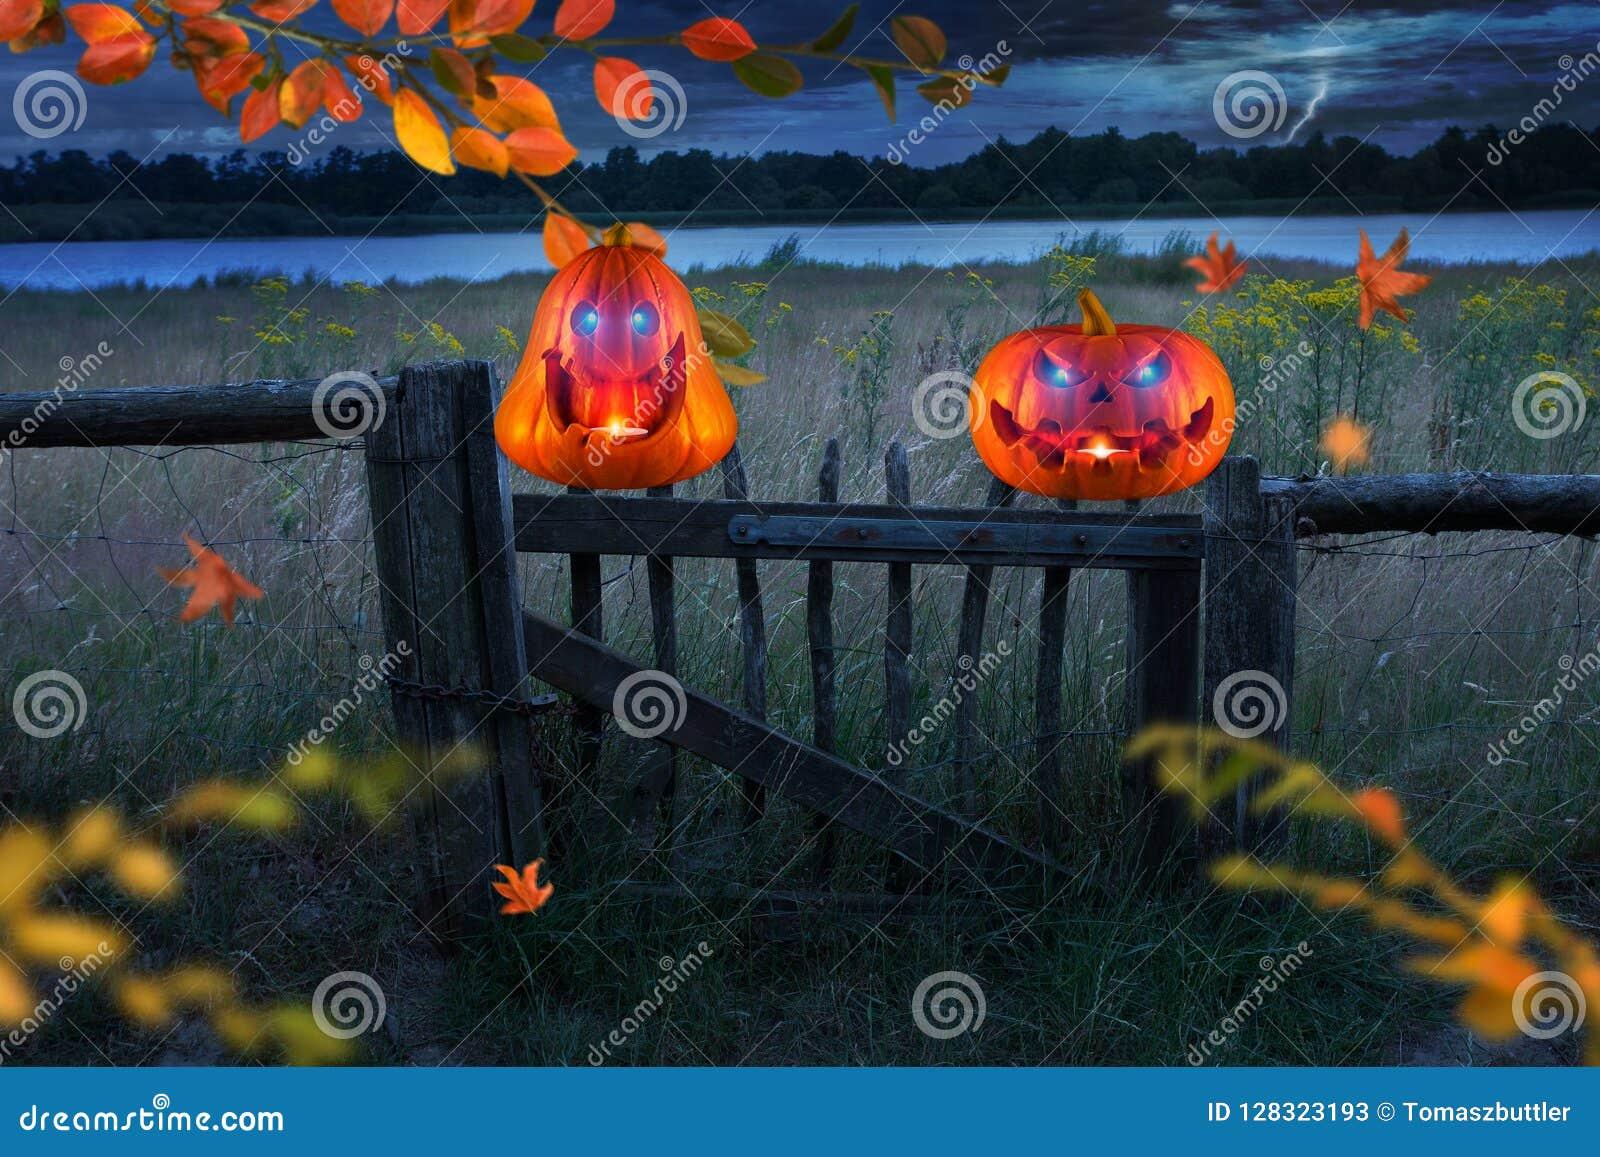 Dos calabazas anaranjadas asustadizas divertidas con brillar intensamente observan en la cerca de madera en la noche de la tempes